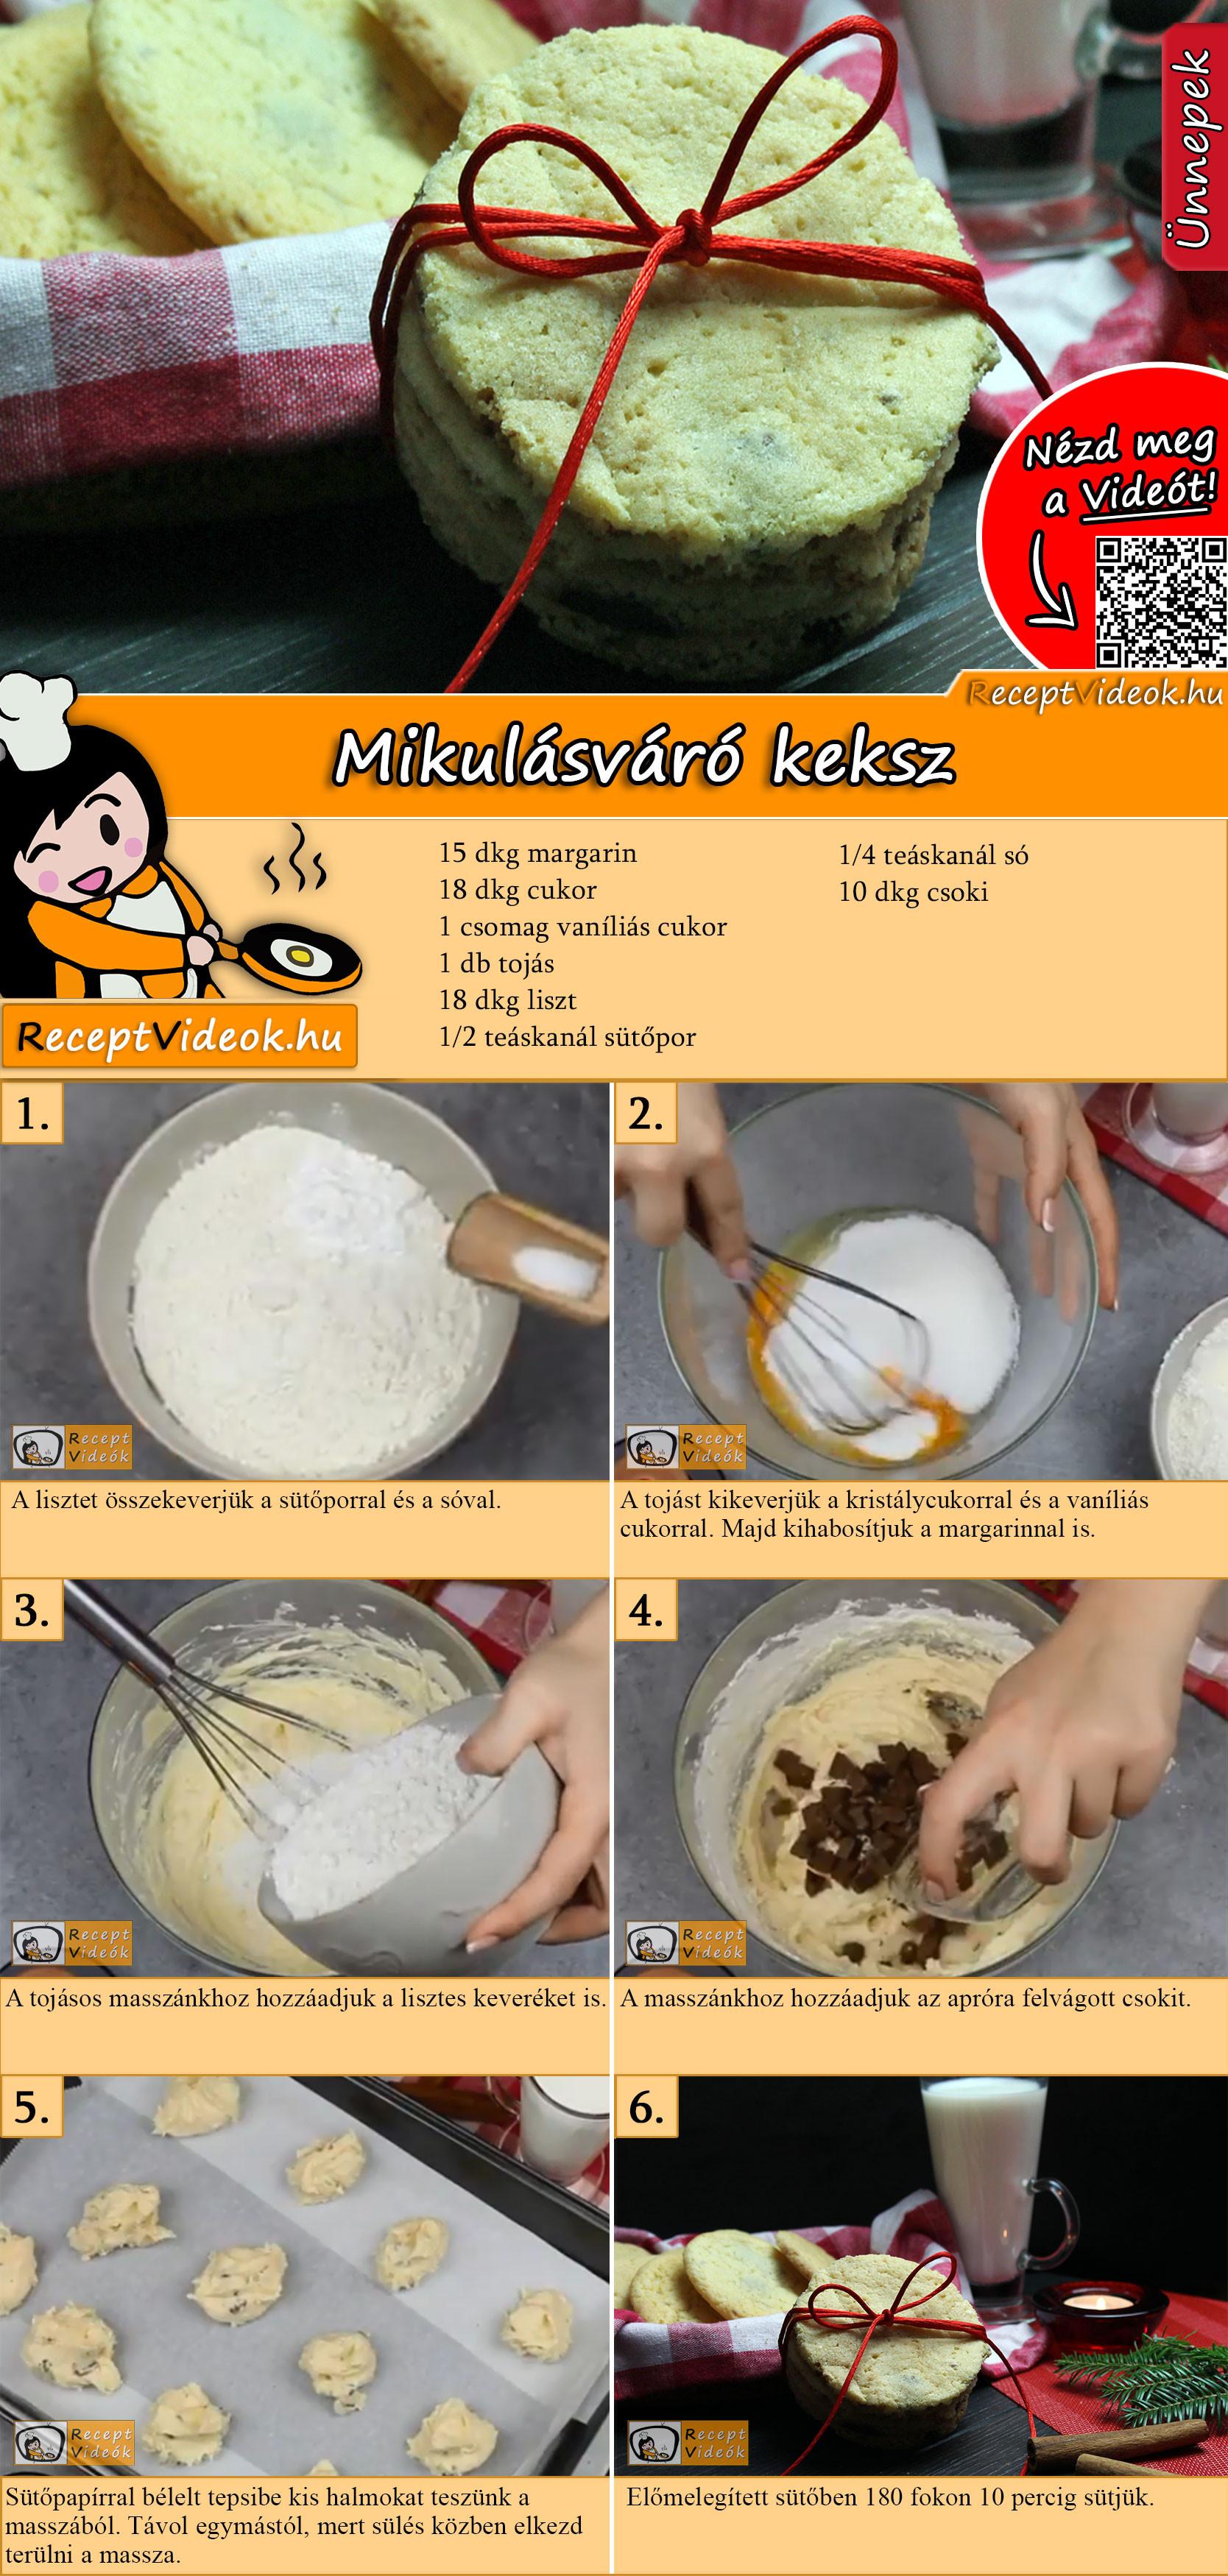 Mikulásváró keksz recept elkészítése videóval